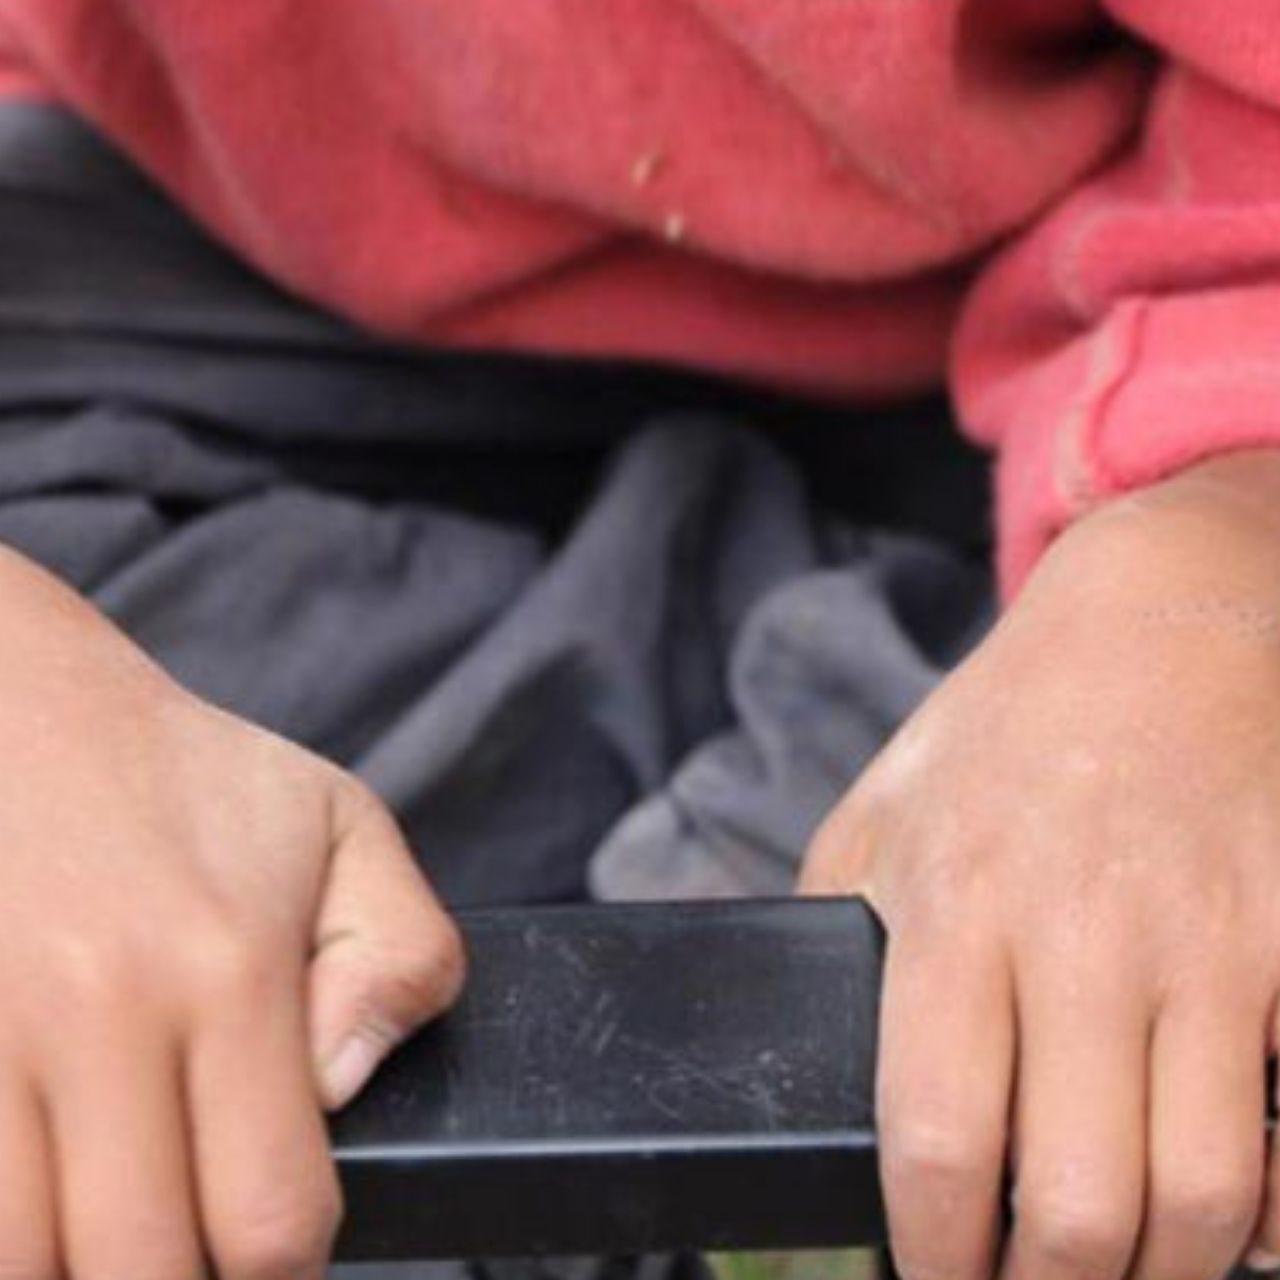 Menores de edad desaparecidos e incremento de violencia alarma a la población hondureña